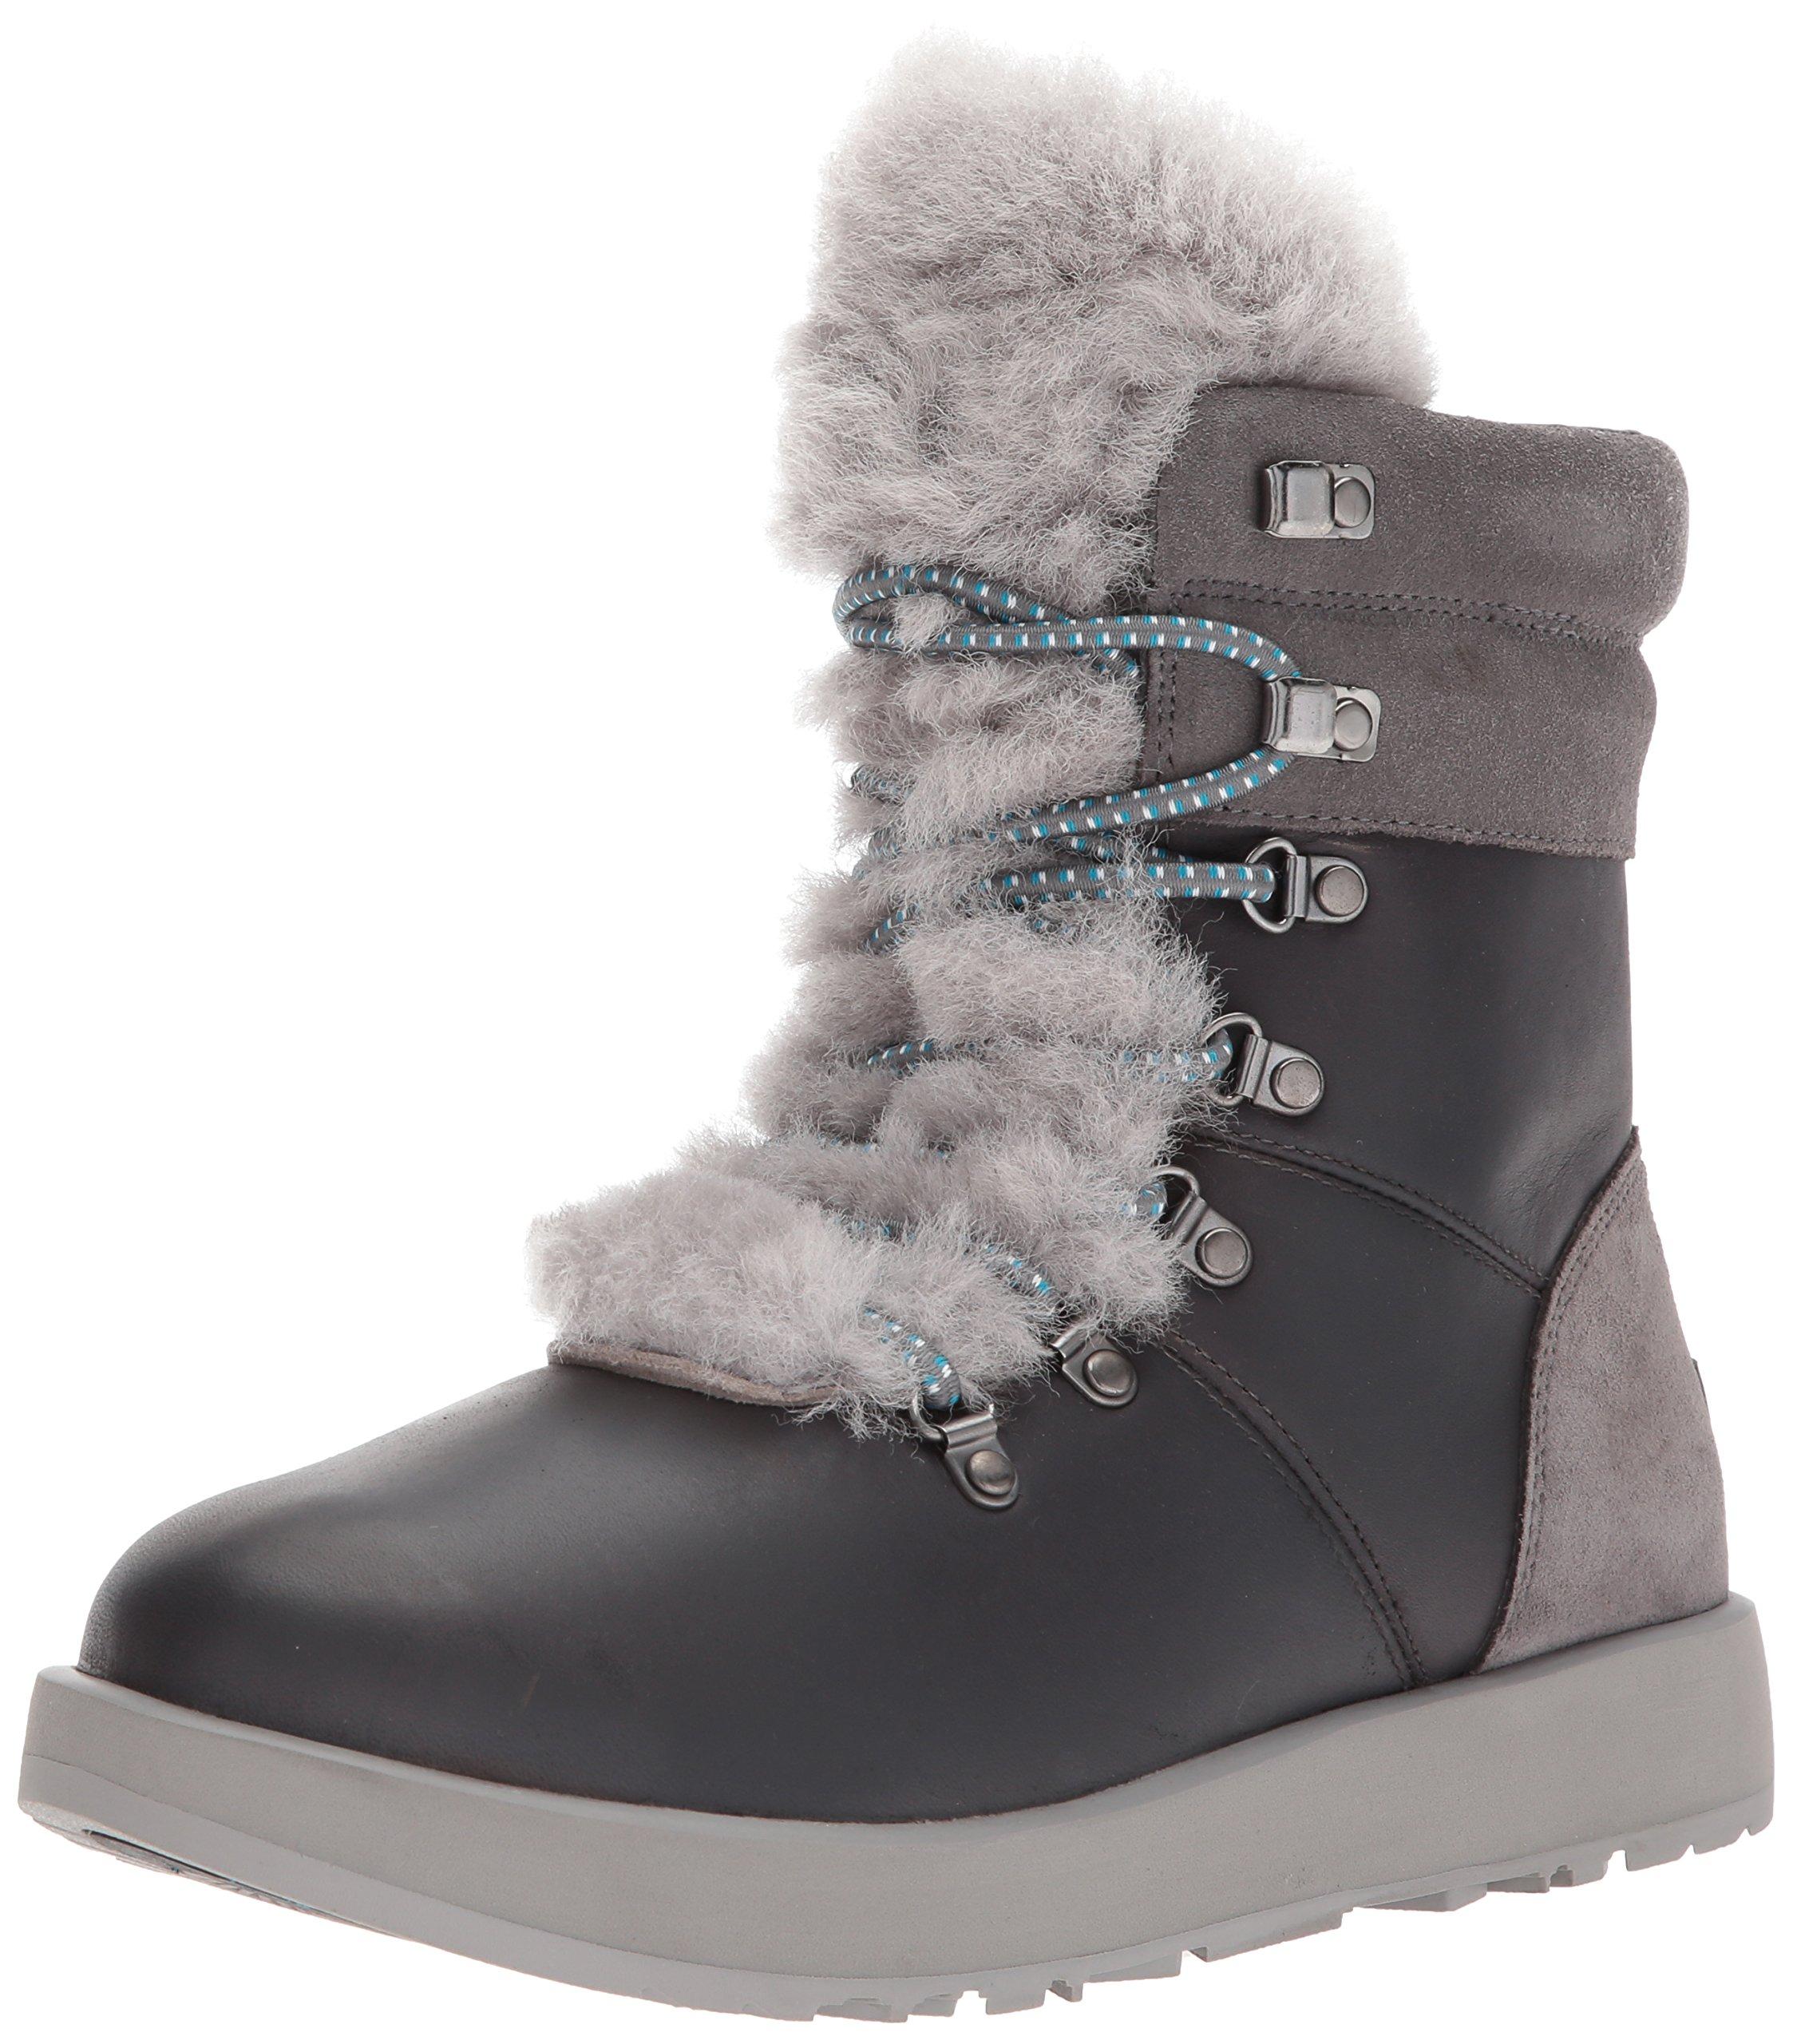 UGG Women's Viki Waterproof Fashion Sneaker, Metal, 7 B(M) US